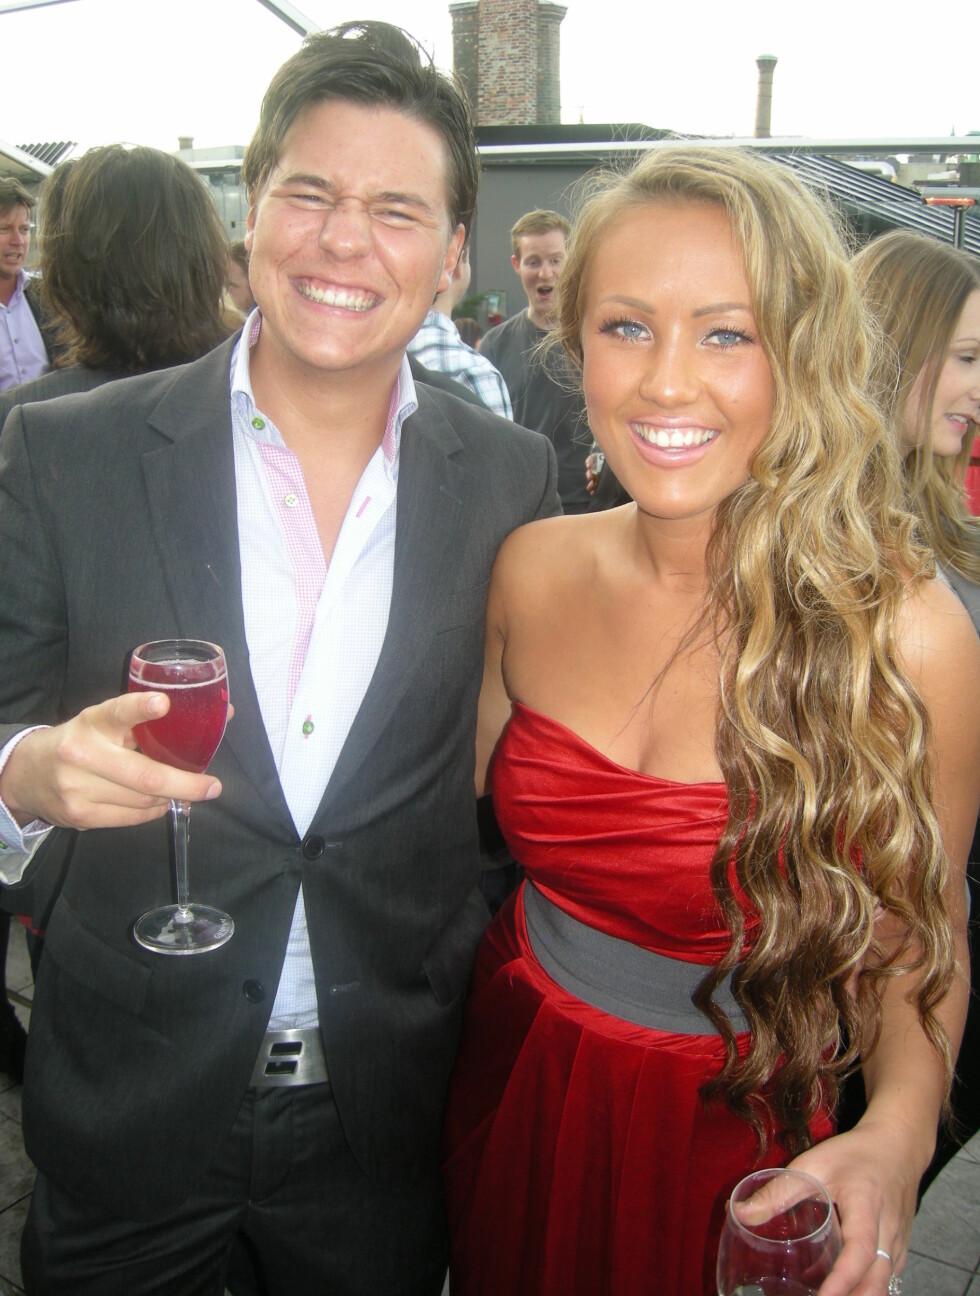 NØT HVERANDRES SELSKAP: Niclas Wicksell og Christina Strandskogen koste seg sammen i sommersola i Oslo på finalfesten. Foto: Sølve Hindhamar, Seher.no.